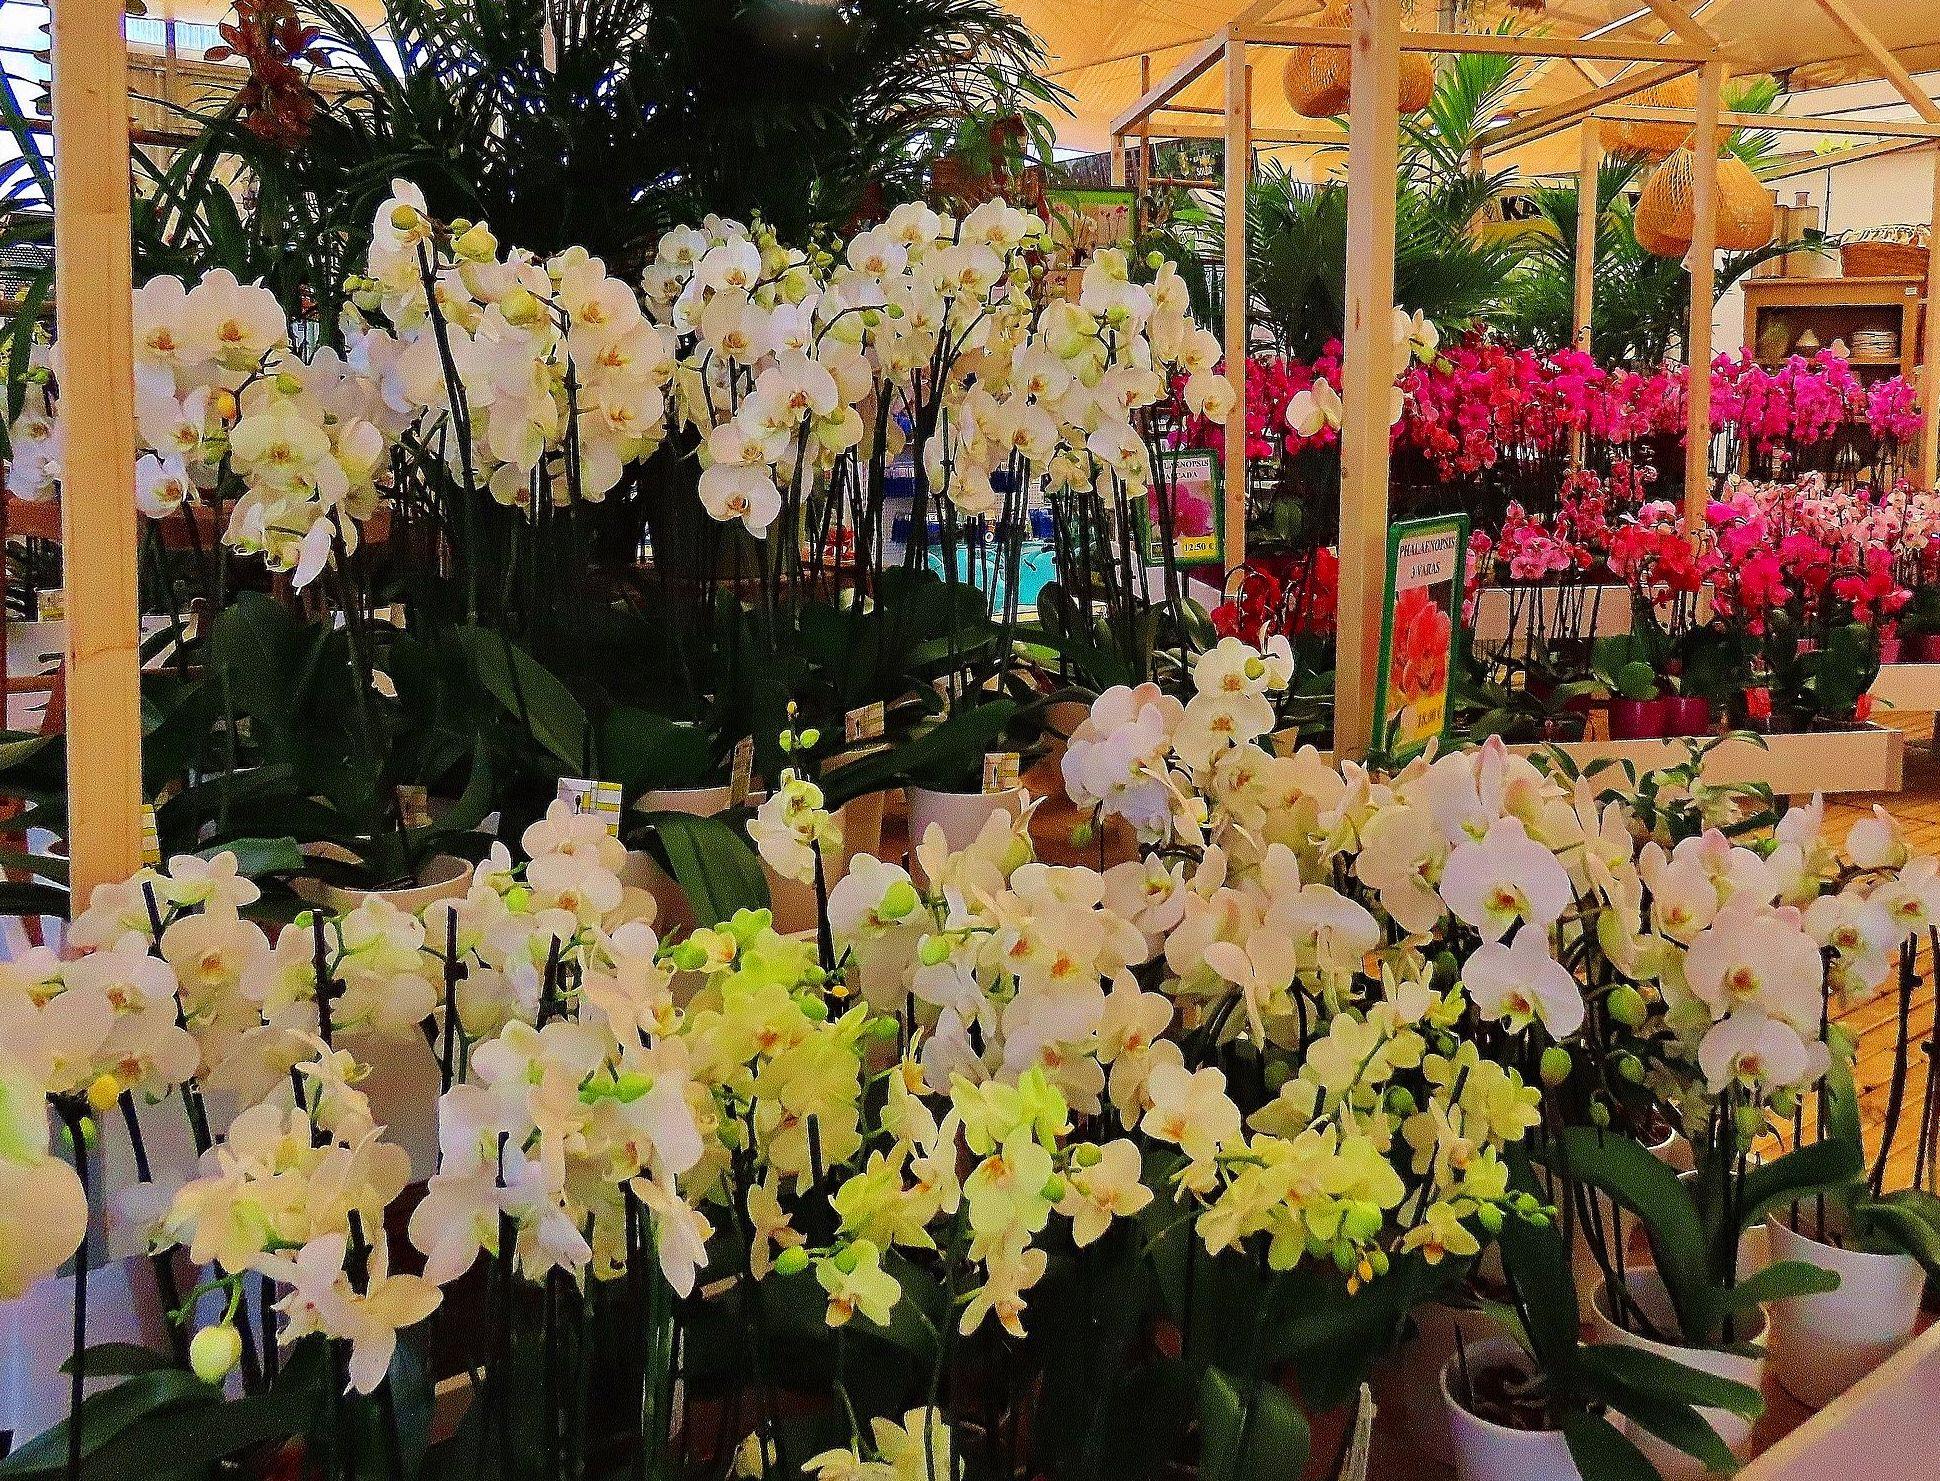 Gran variedad de orquídeas en Tenerife